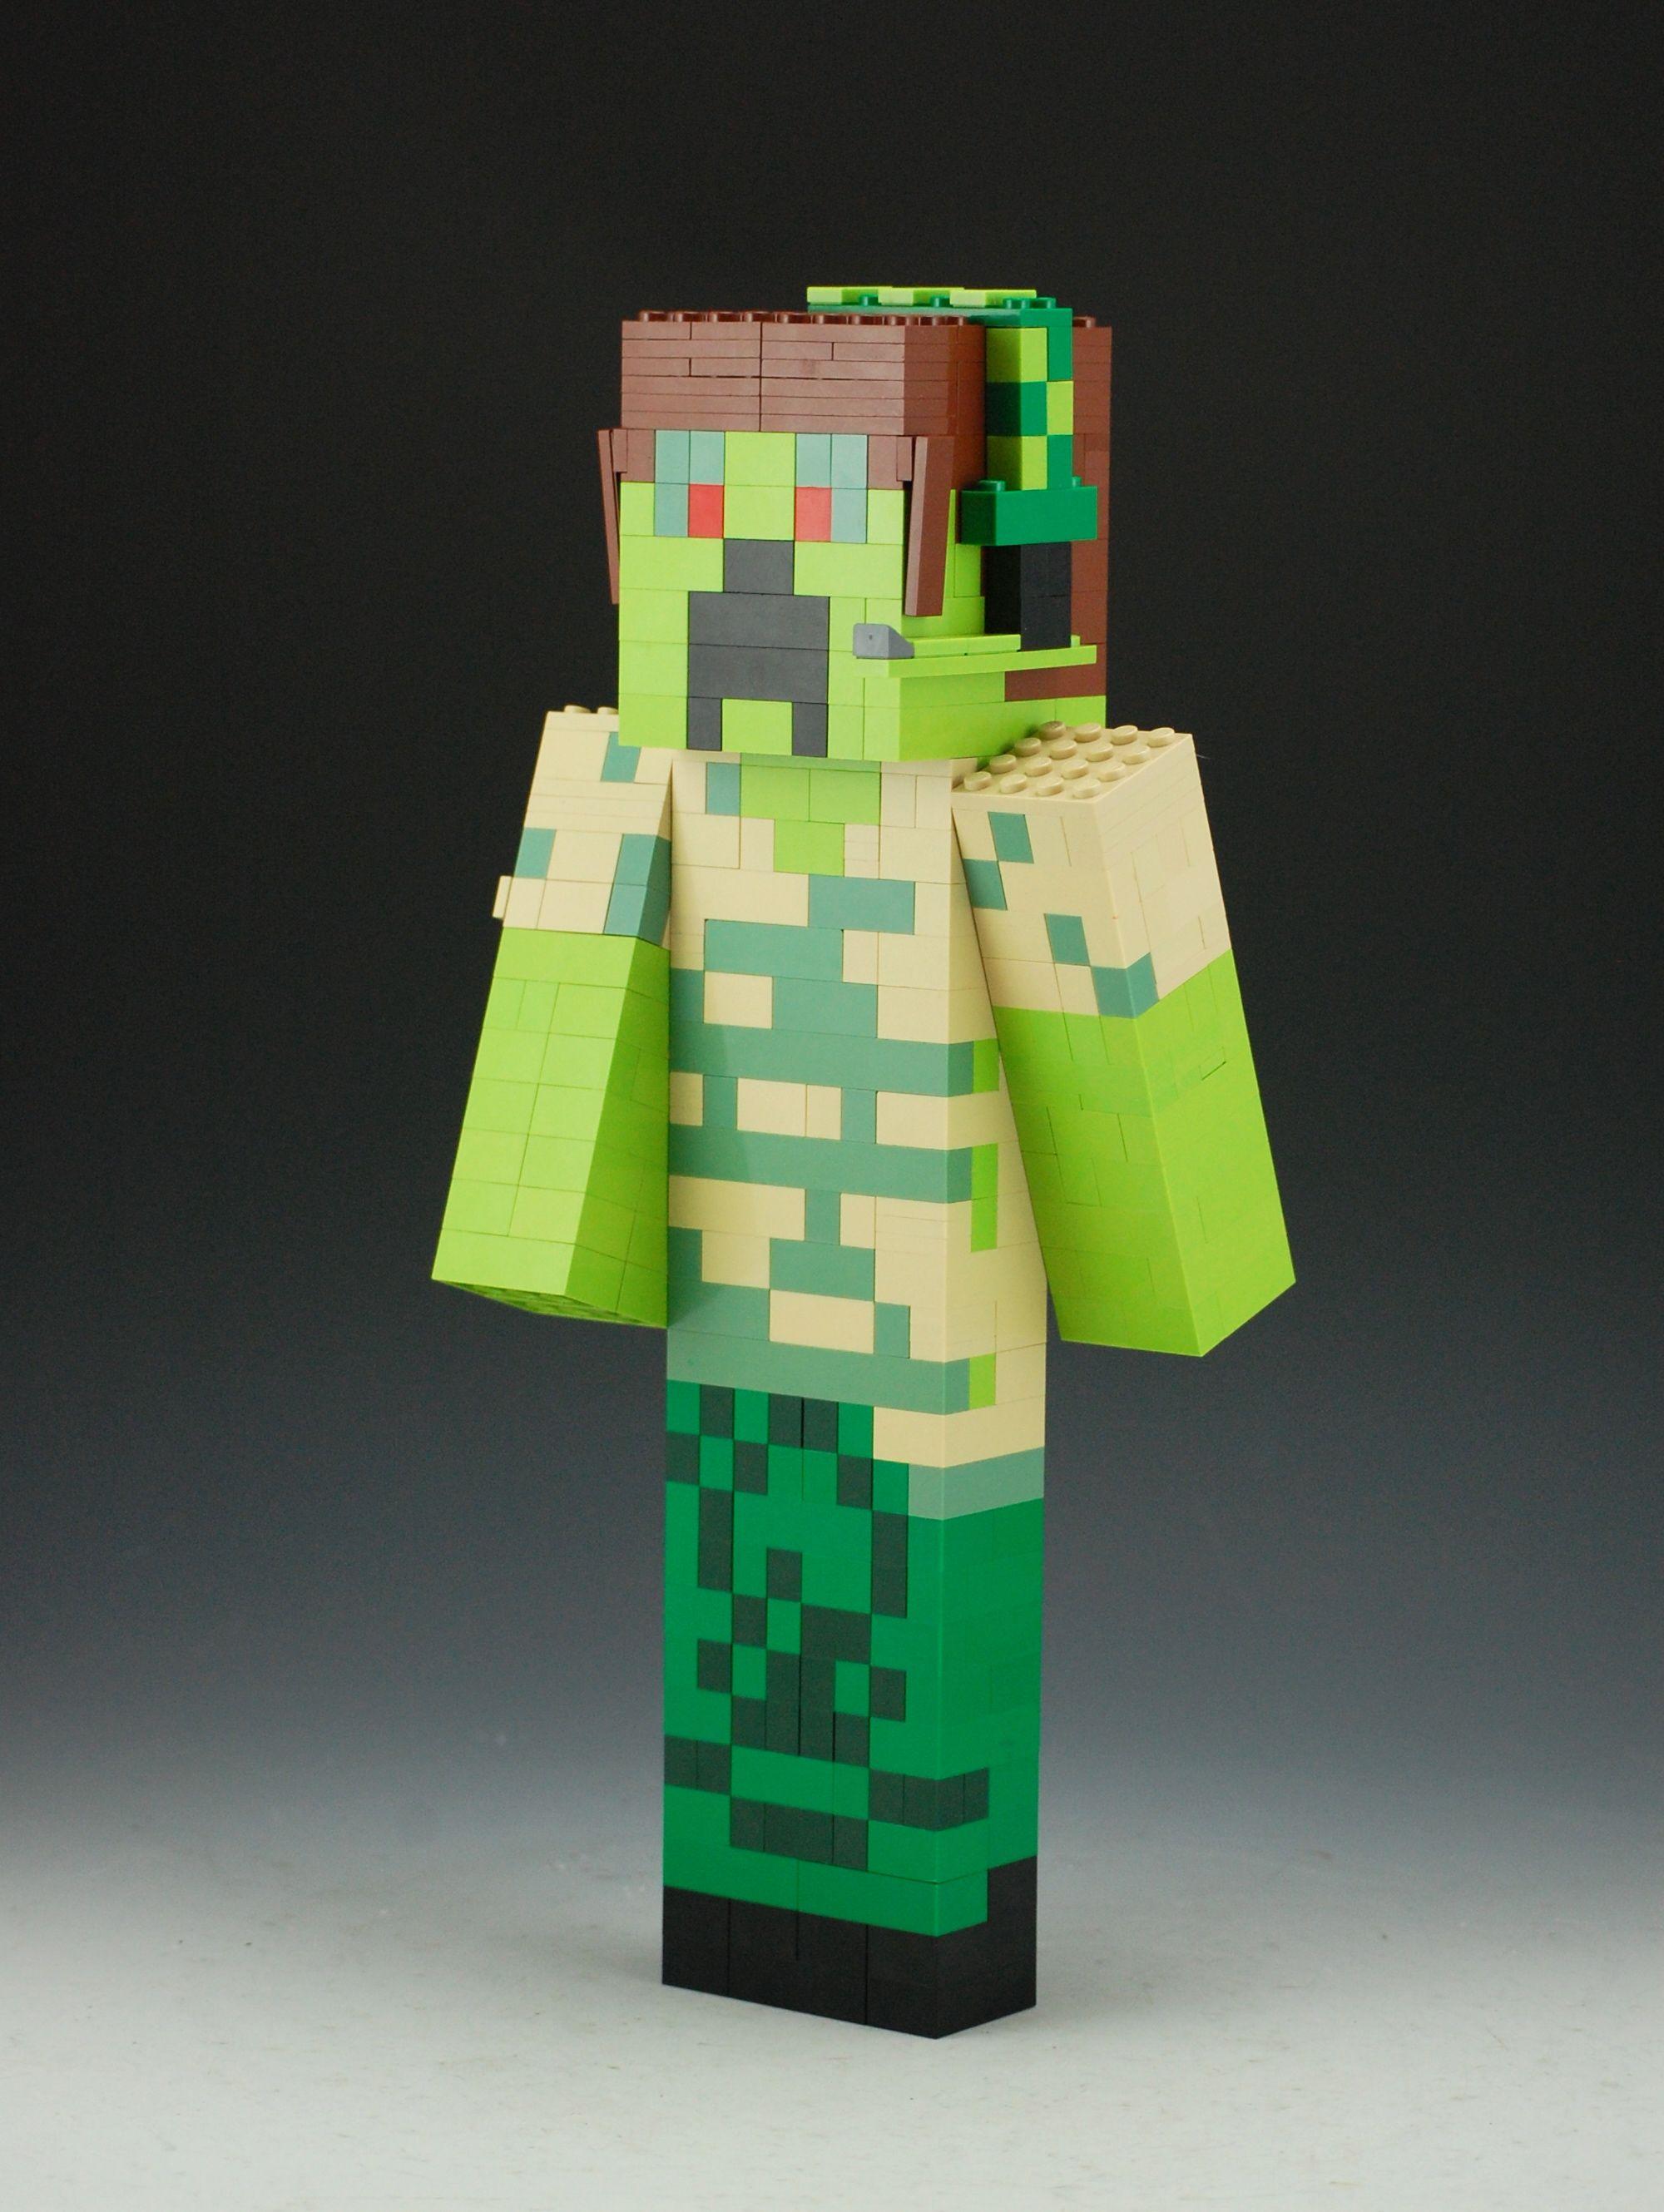 Lego Minecraft Custom Skin  Lego minecraft, Minecraft creations, Lego